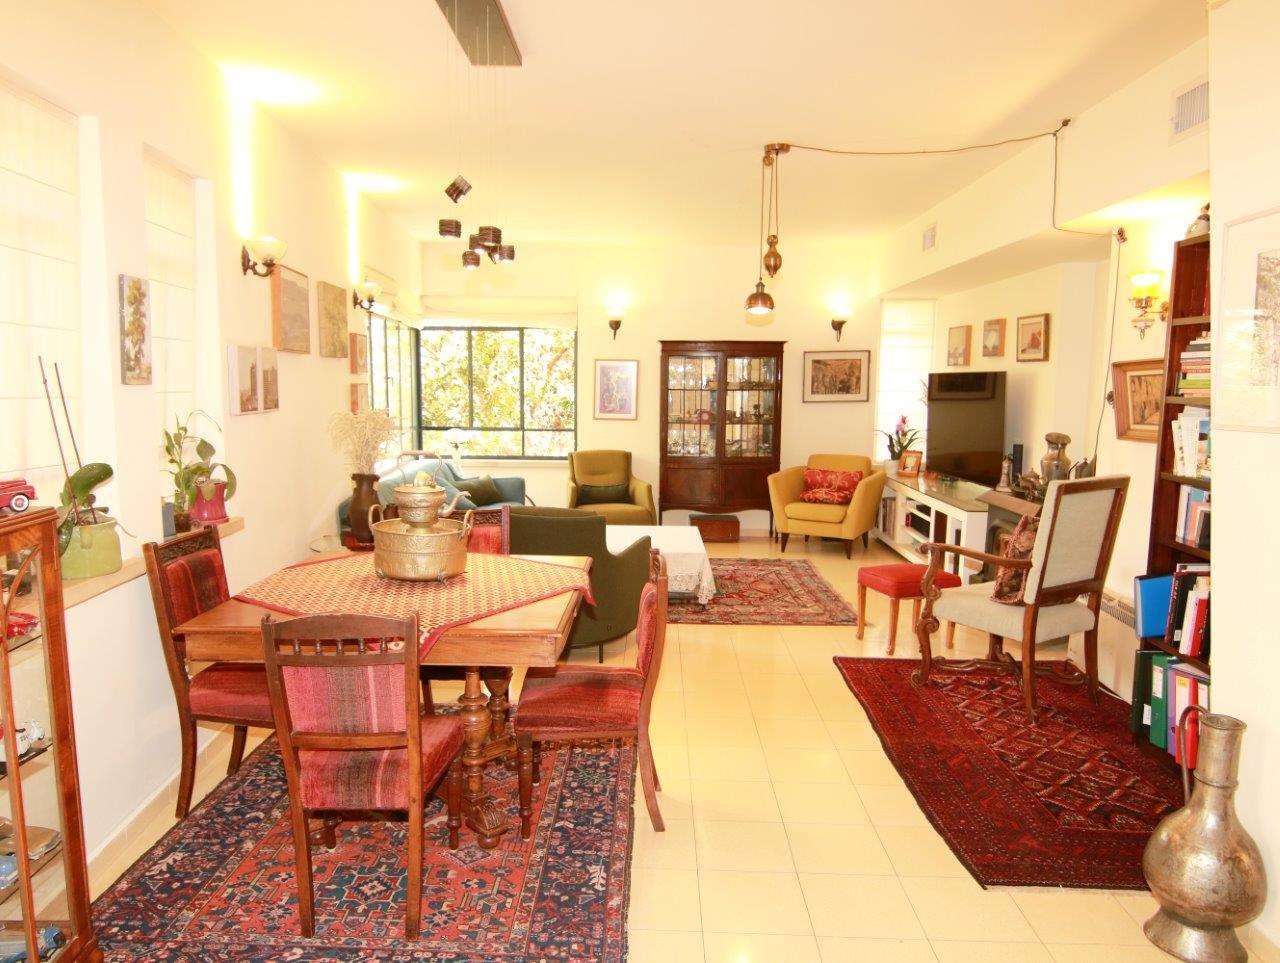 בית פרטי למכירה 8 חדרים בירושלים בית מושקע עם יחידת דיור